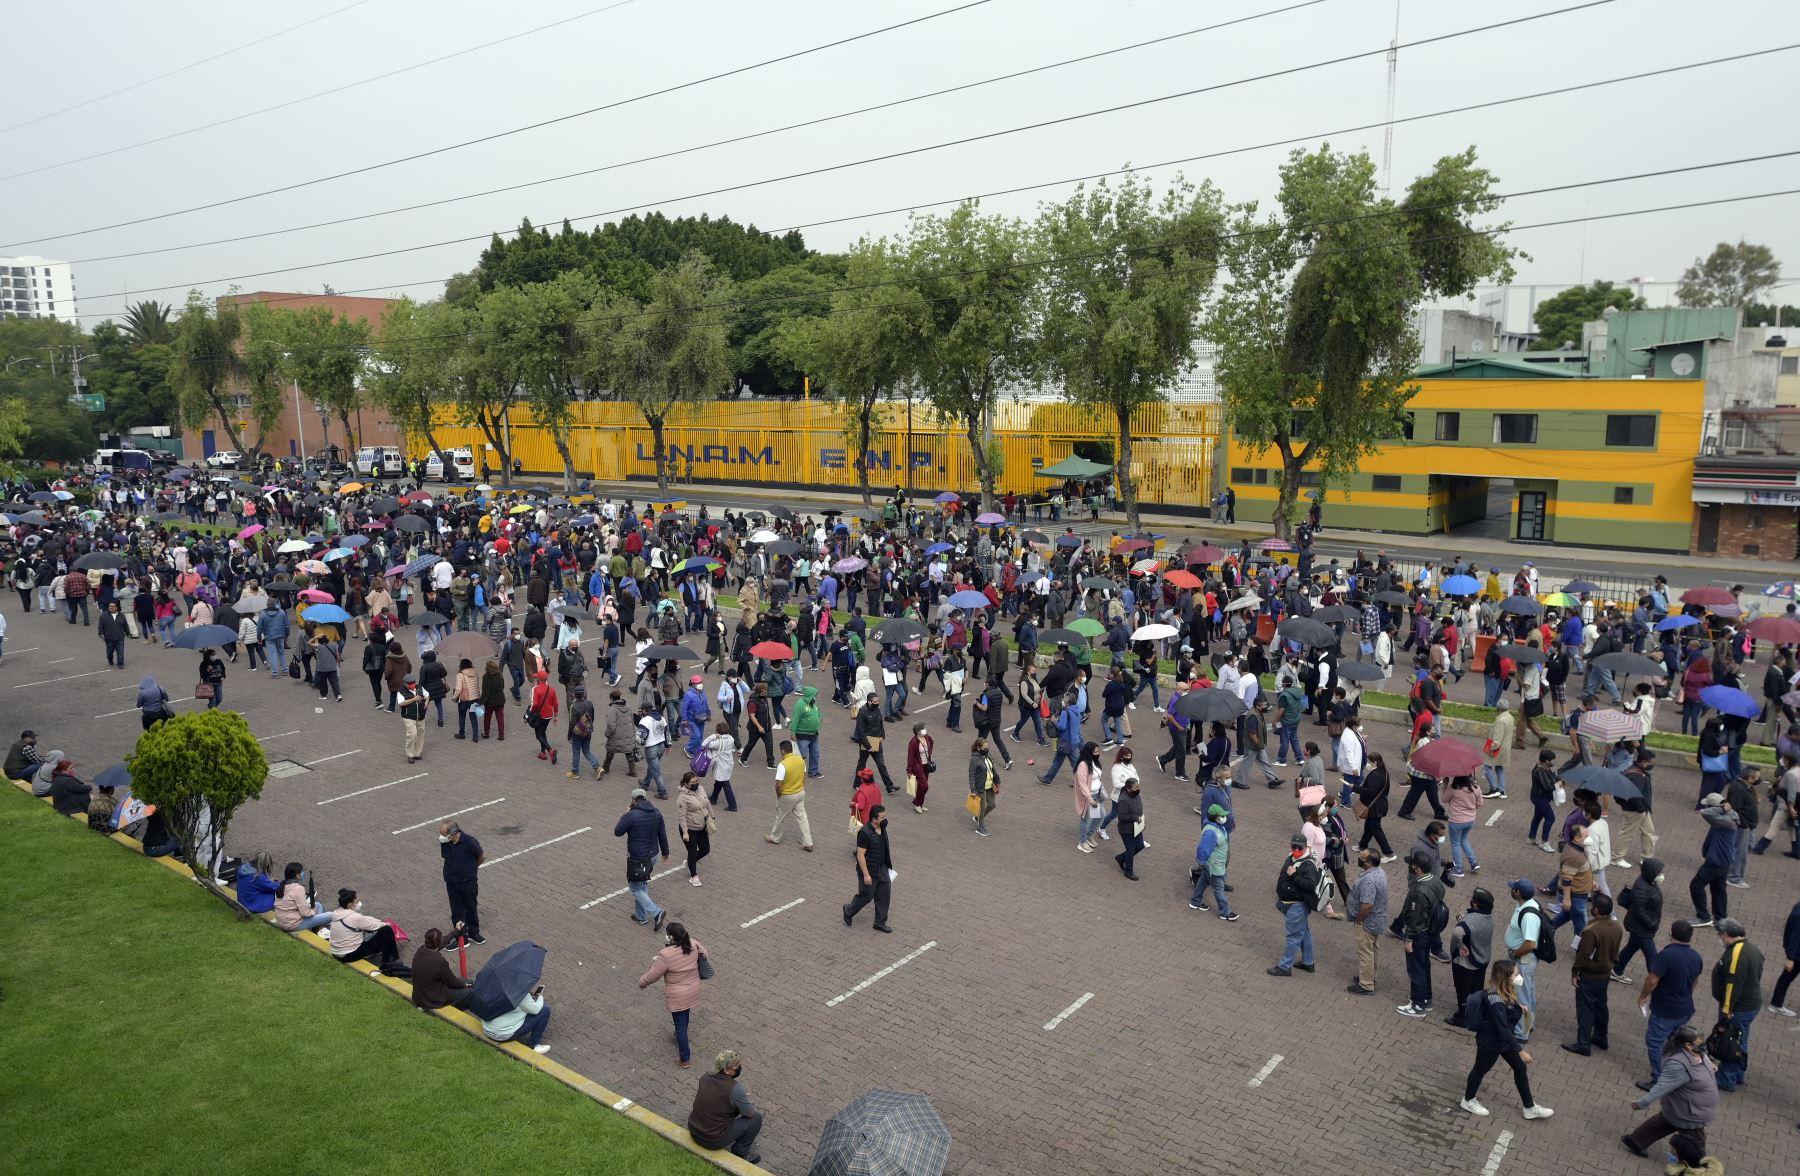 Cientos de personas esperan recibir su primera dosis de la vacuna AstraZeneca / Oxford contra COVID-10 fuera de la Escuela Secundaria No. 9 en la Ciudad de México